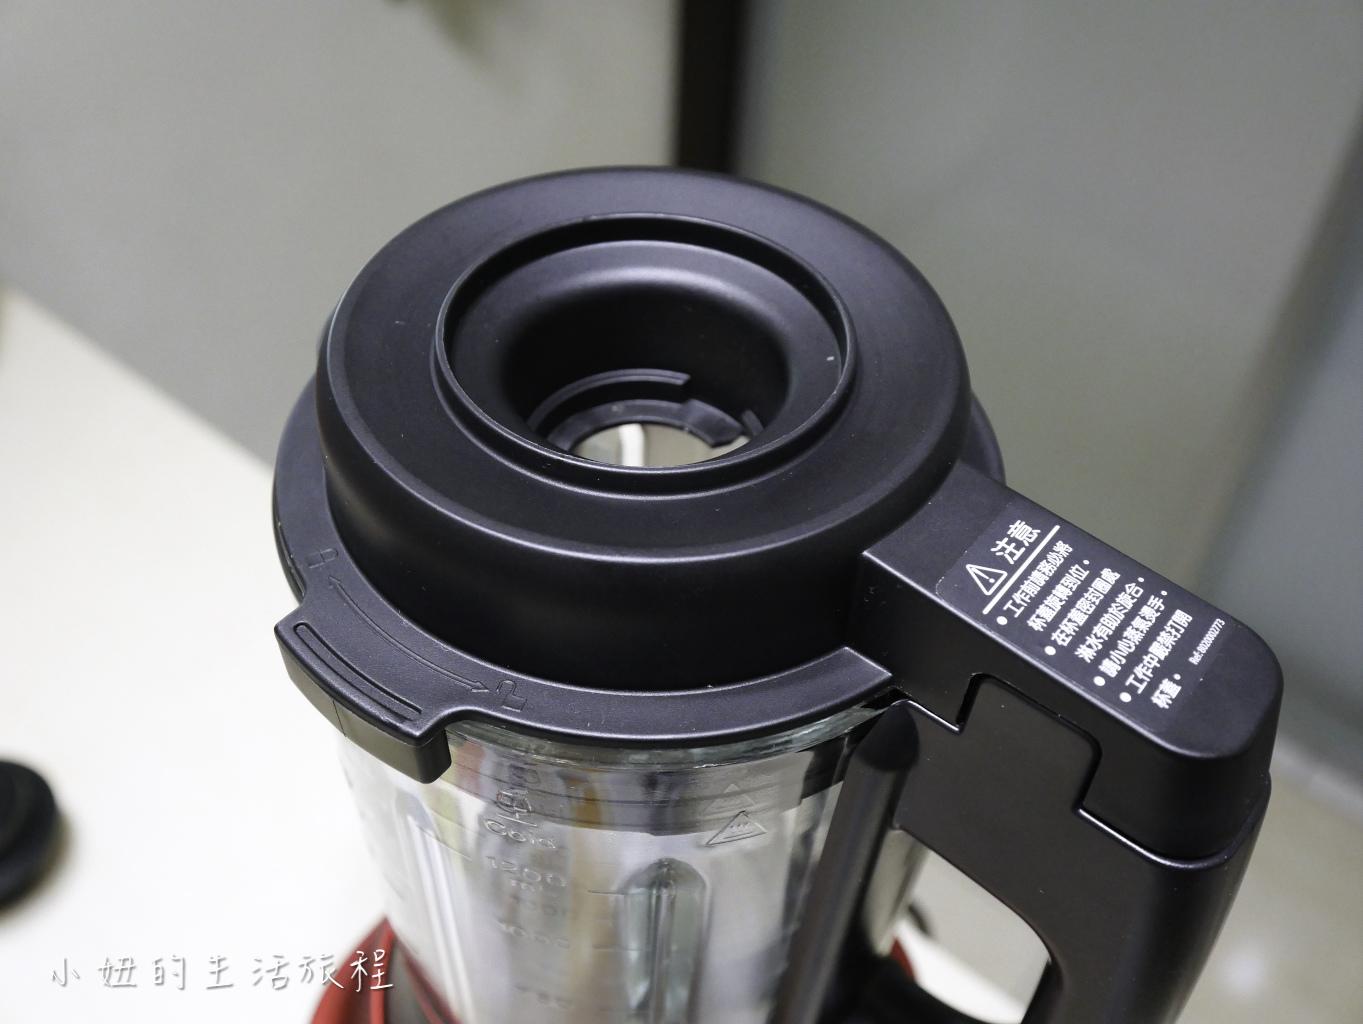 Tefal法國特福高速熱能營養調理機-9.jpg